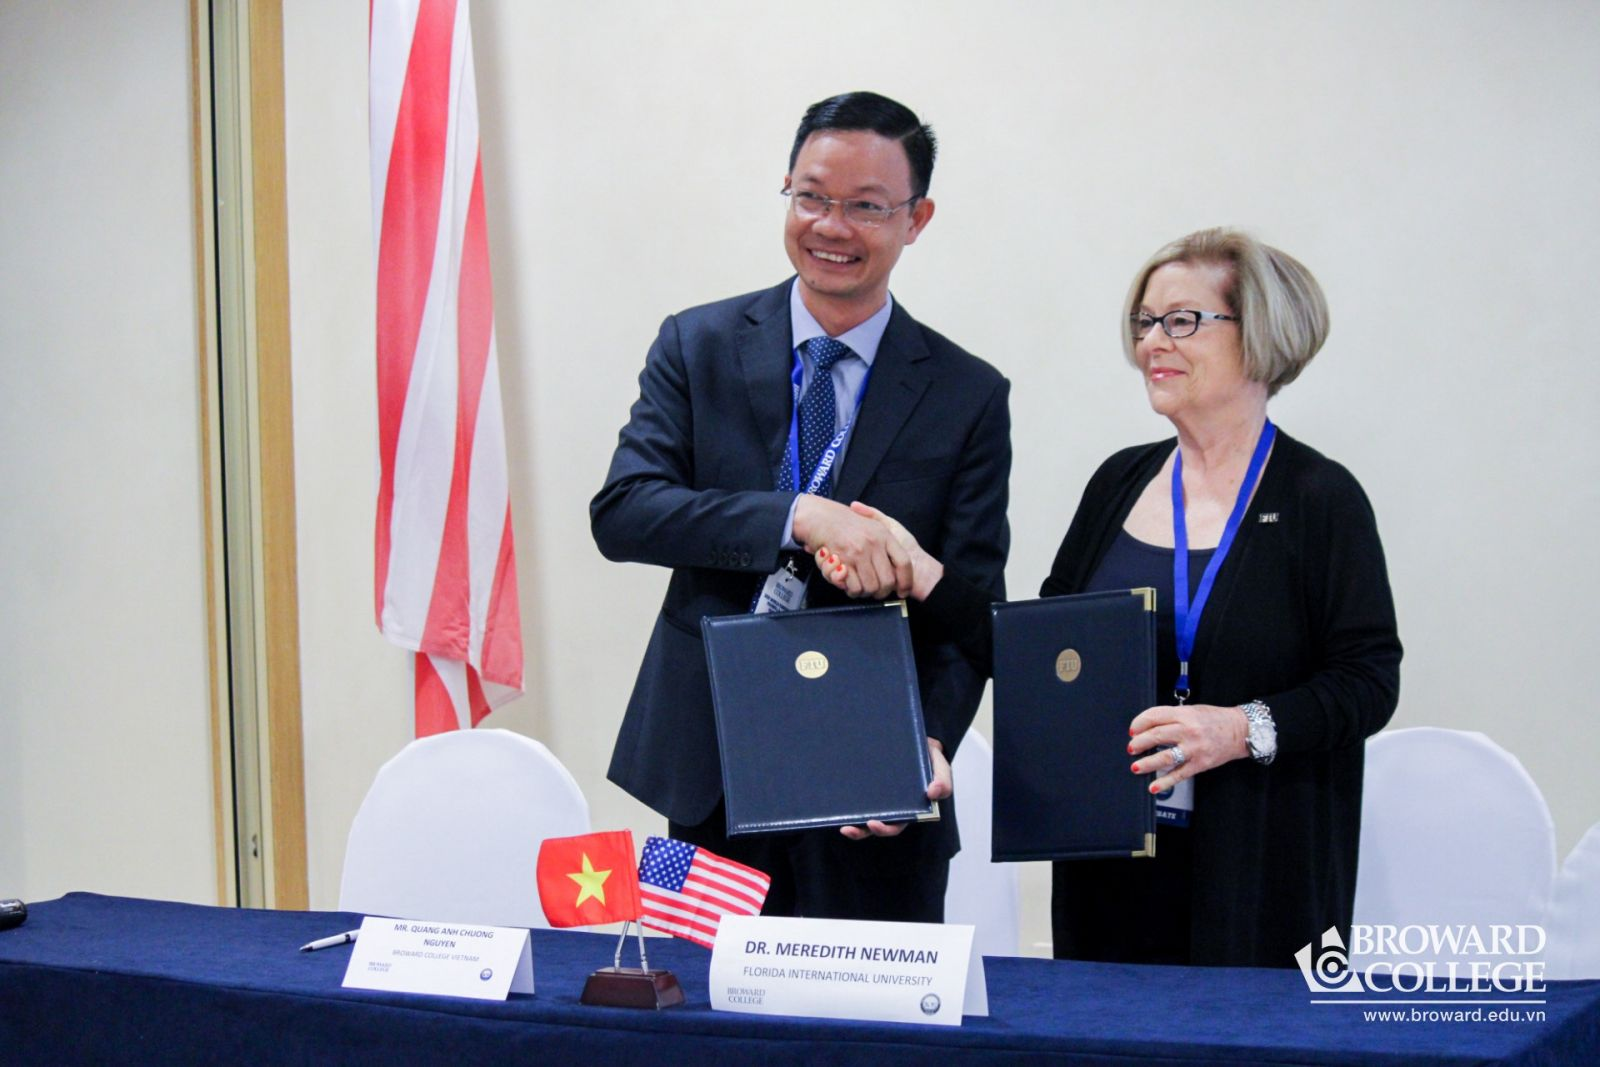 FIU và Đại học Broward Việt Nam hợp tác đào tạo và cấp bằng đại học ngành Quản trị Du lịch - Khác sạn